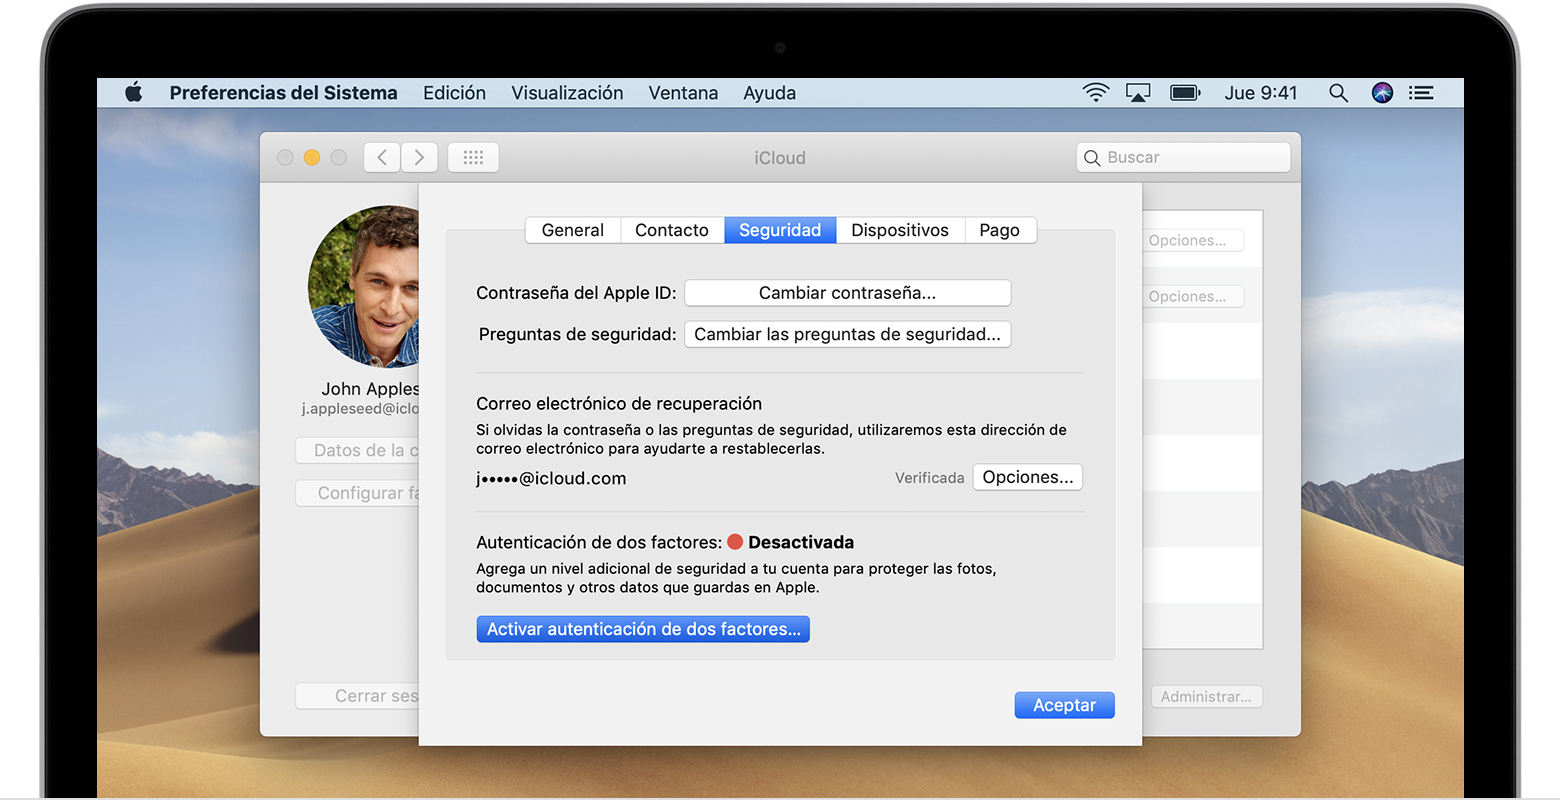 328f6a08ca3 Ve al menú Apple () > Preferencias del sistema > iCloud > Datos de la  cuenta.